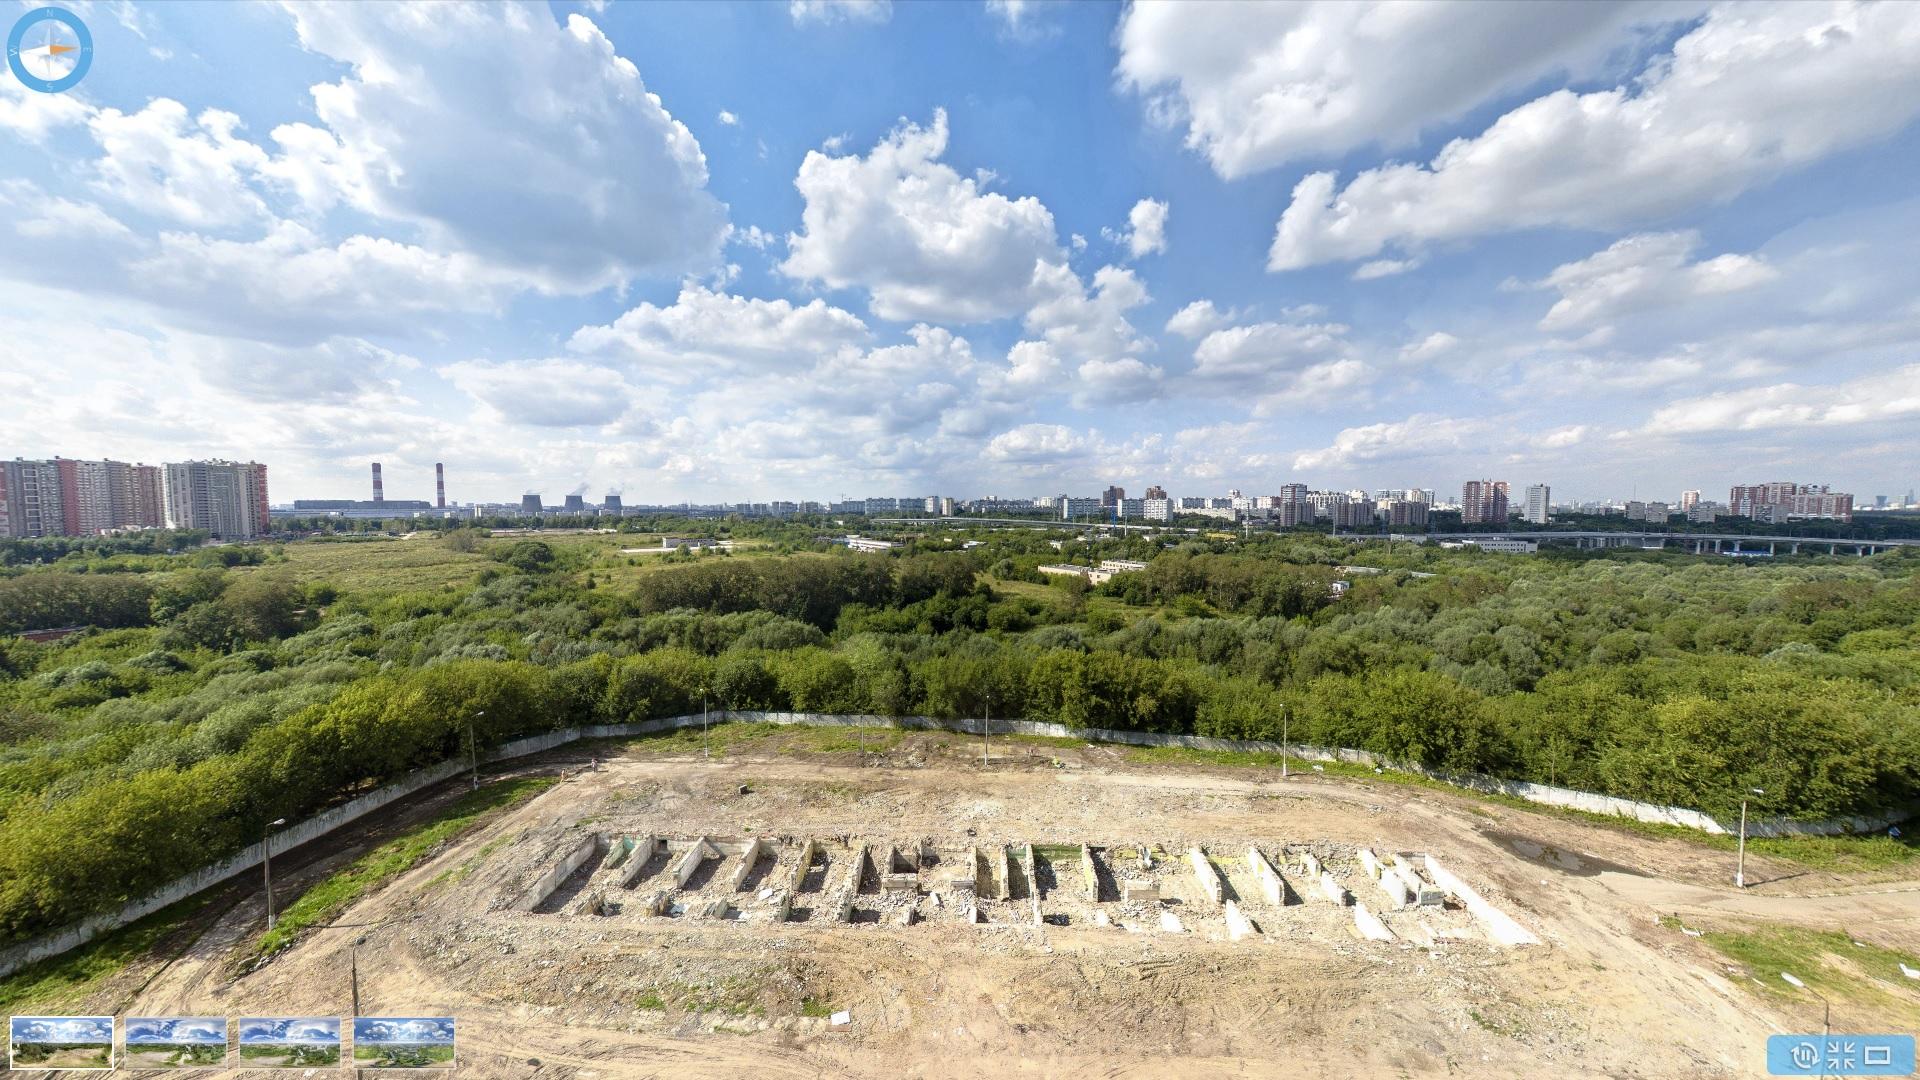 Точка съемки примернов районе строящегося ЖК Небо (скриншот с их сайта)